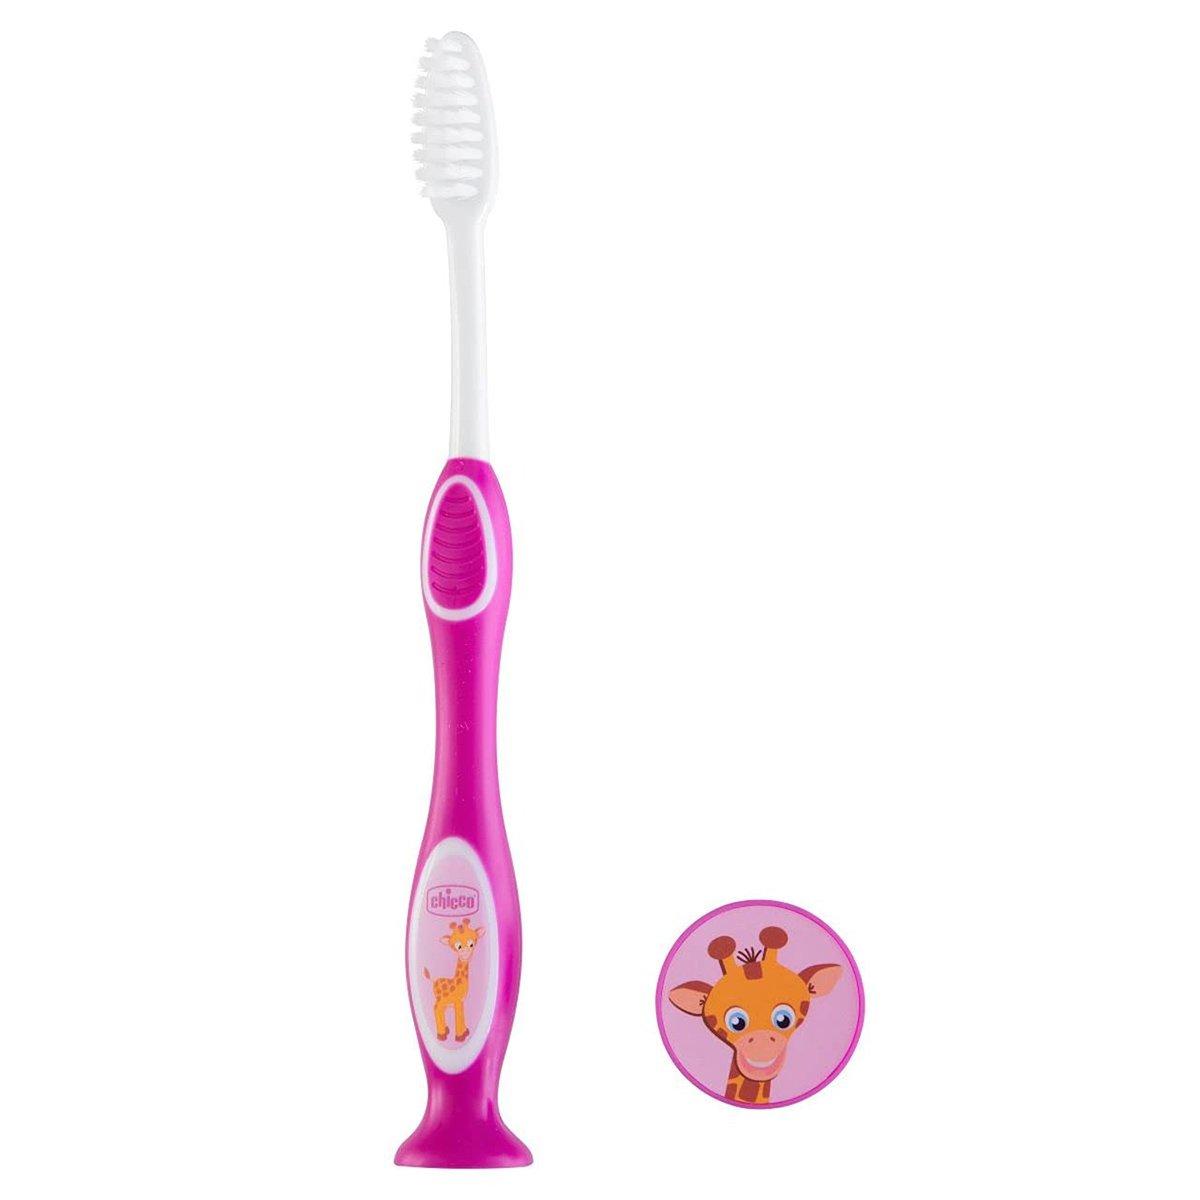 Chicco Milk Teeth Toothbrush 3-6 Years Παιδική Οδοντόβουρτσα Ιδανική για τα Πρώτα Νεογιλά Δόντια 1 Τεμάχιο – μωβ